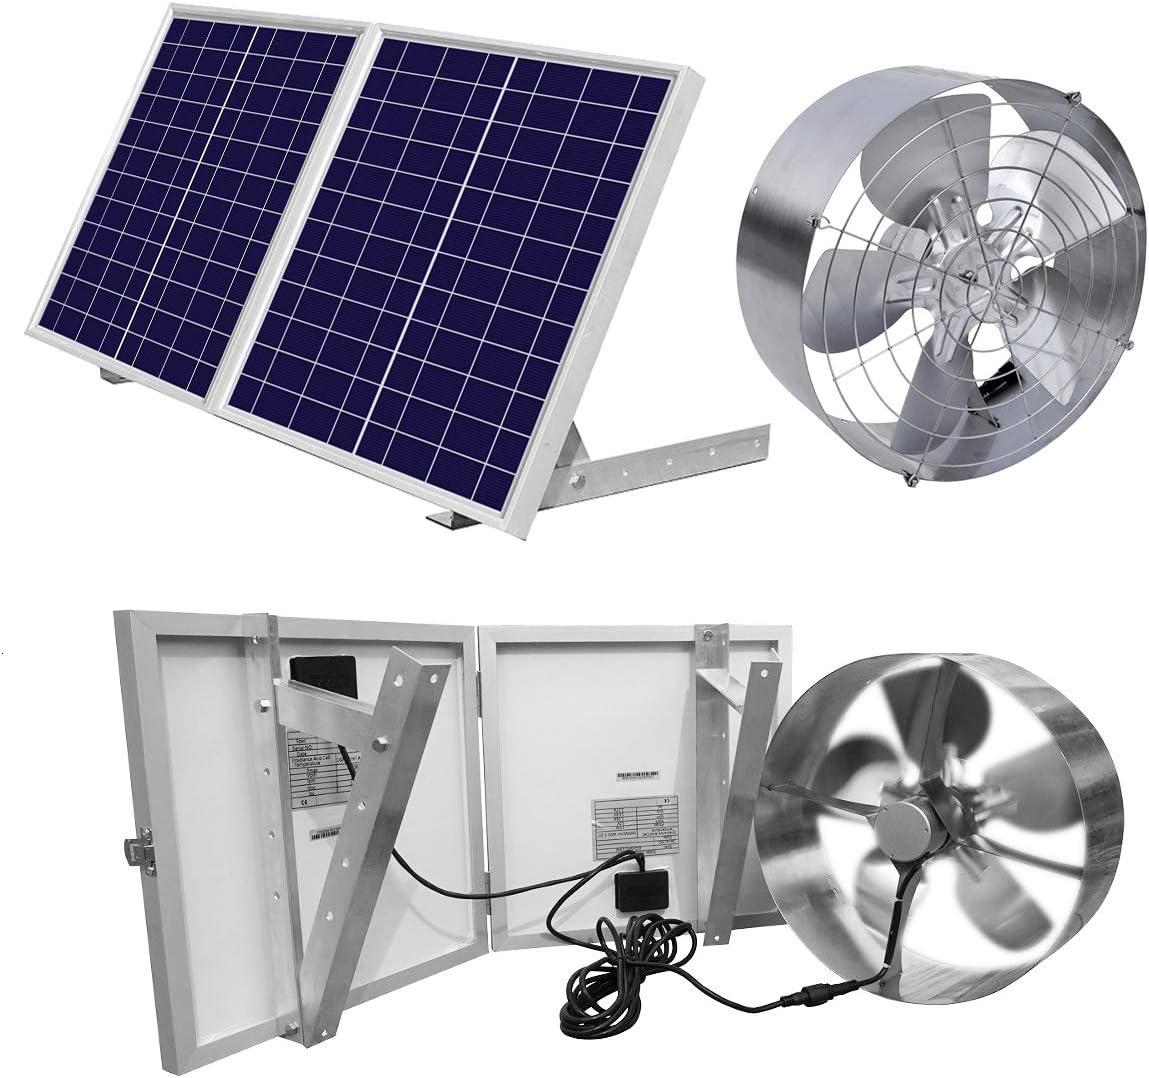 ECO-WORTHY 25W Solar Powered Attic Ventilator